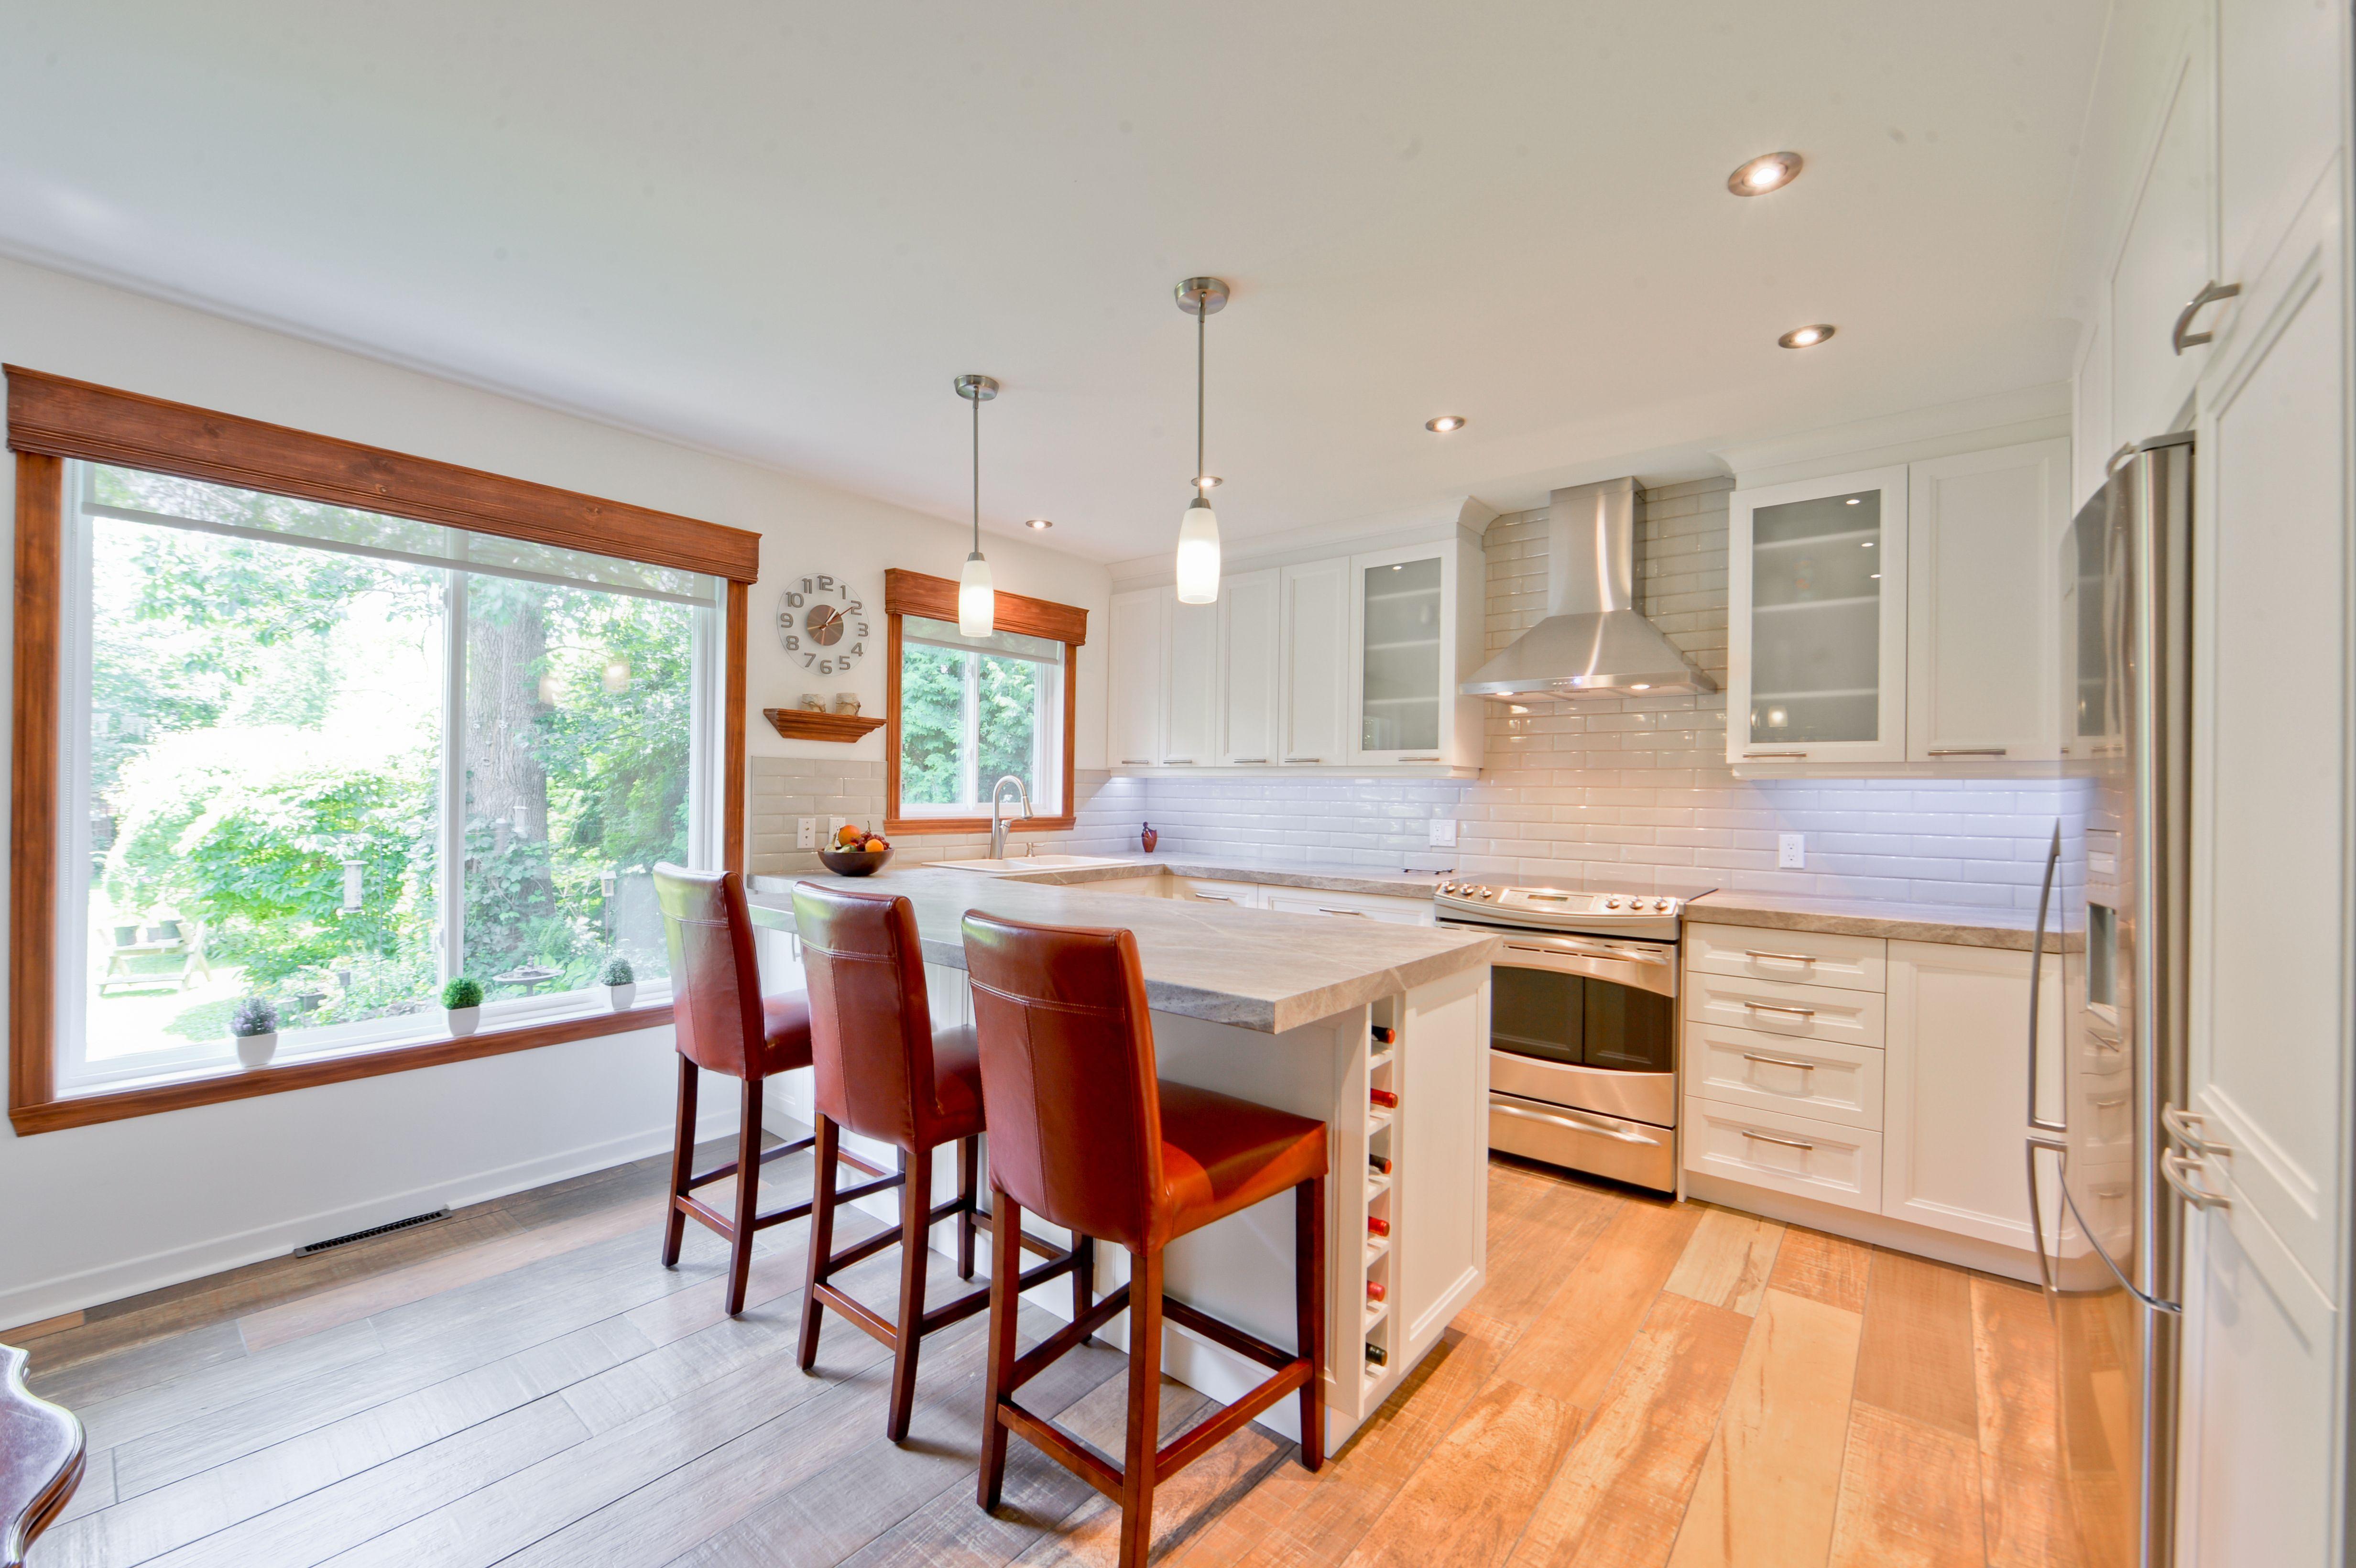 Une magnifique cuisine r alis e par des entrepreneurs de Changer une fenetre bois en renovation